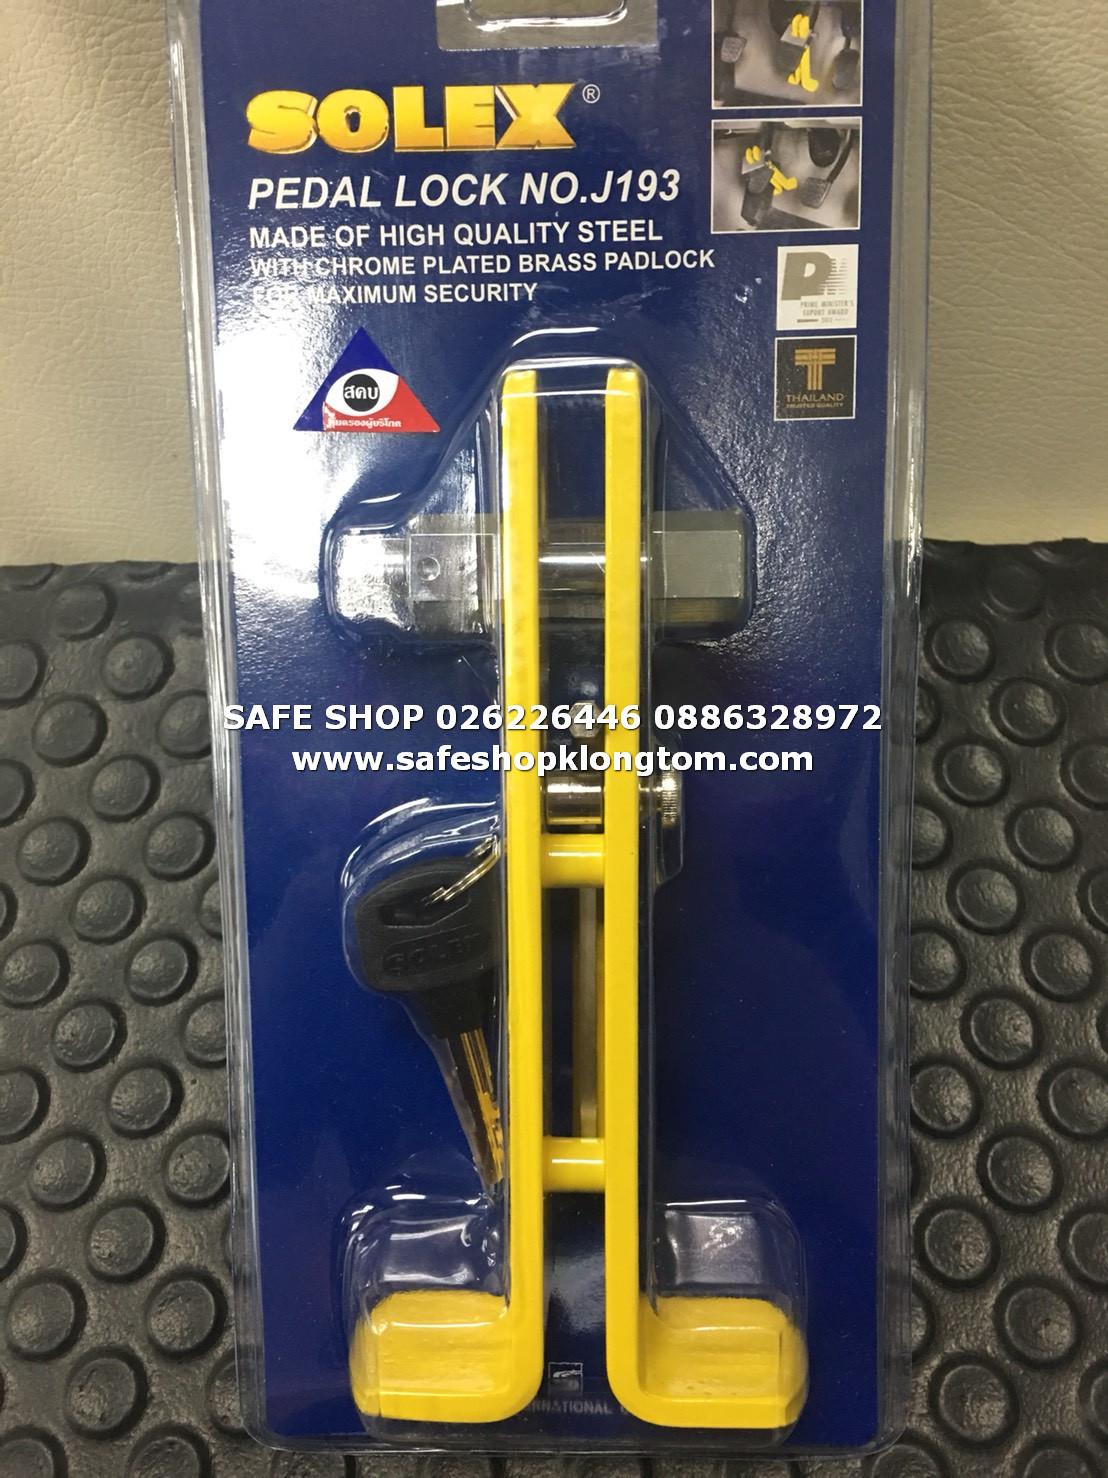 Solex No.J193 ล็อคเบรค ล็อคครัช พร้อมแม่กุญแจแบบซ่อนคอ ราคา 750บาท SAFE SHOP คลองถม